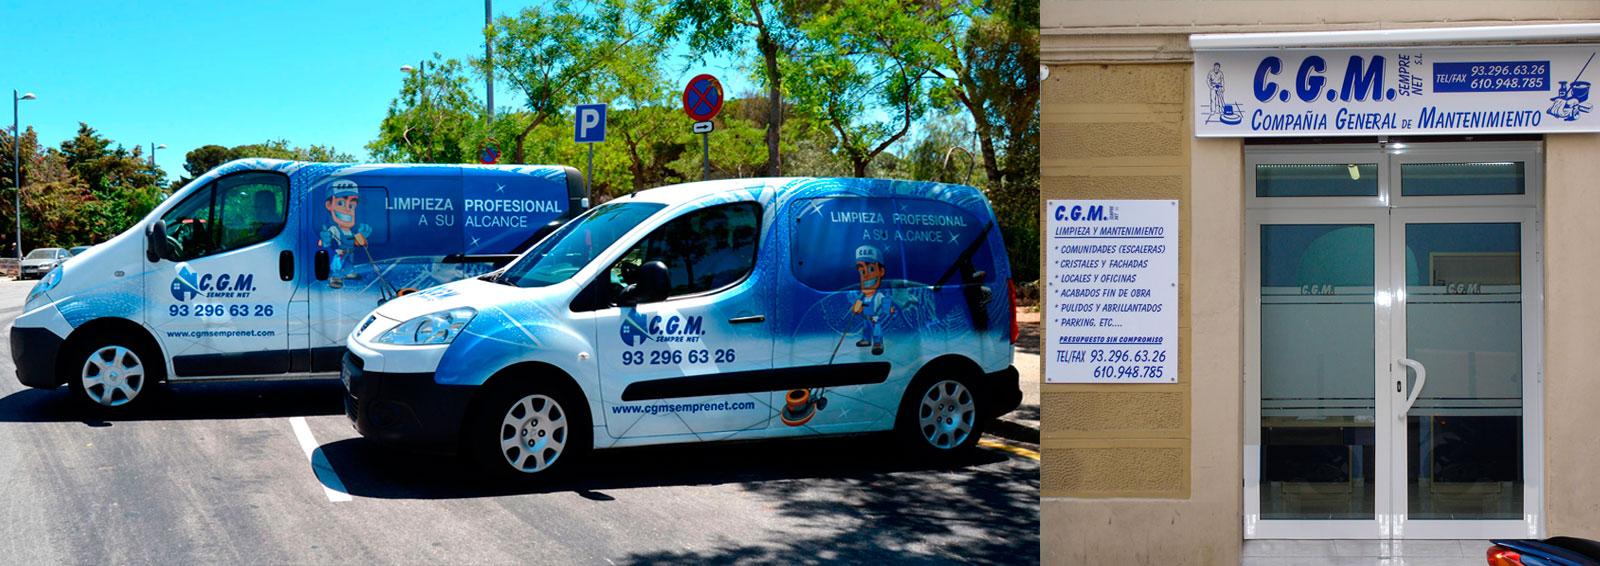 oficinas CGM y vehiculos de limpieza